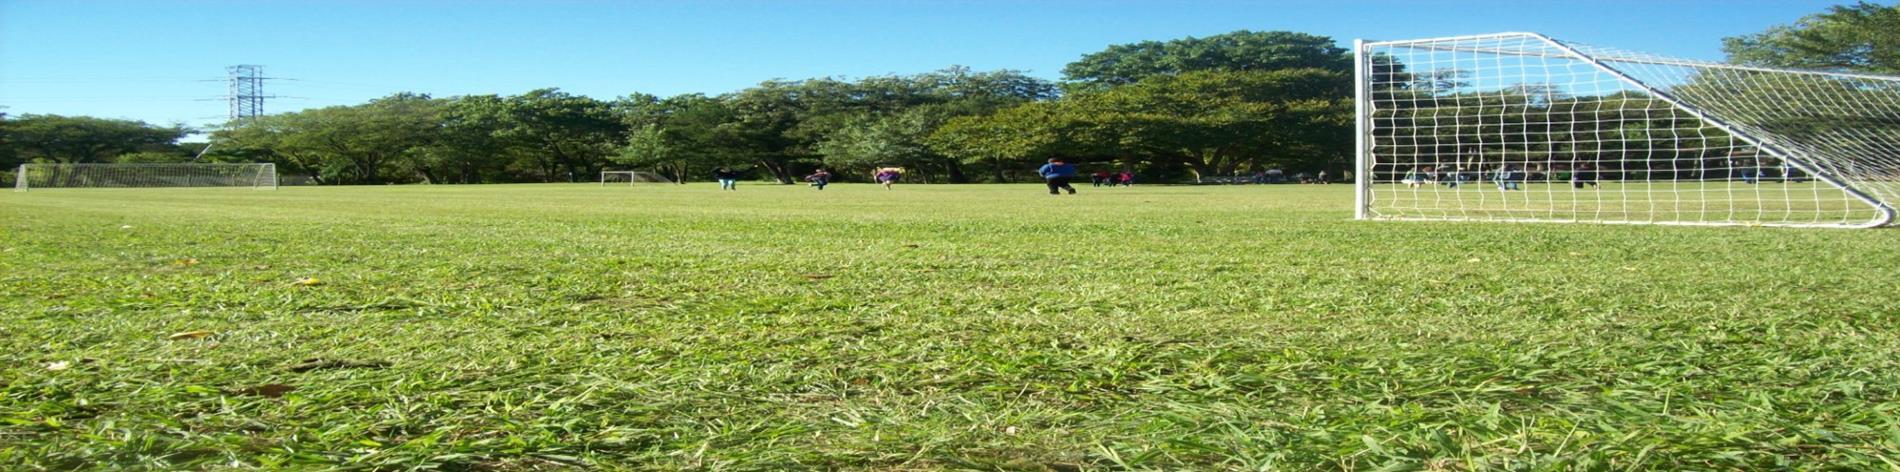 goal-field